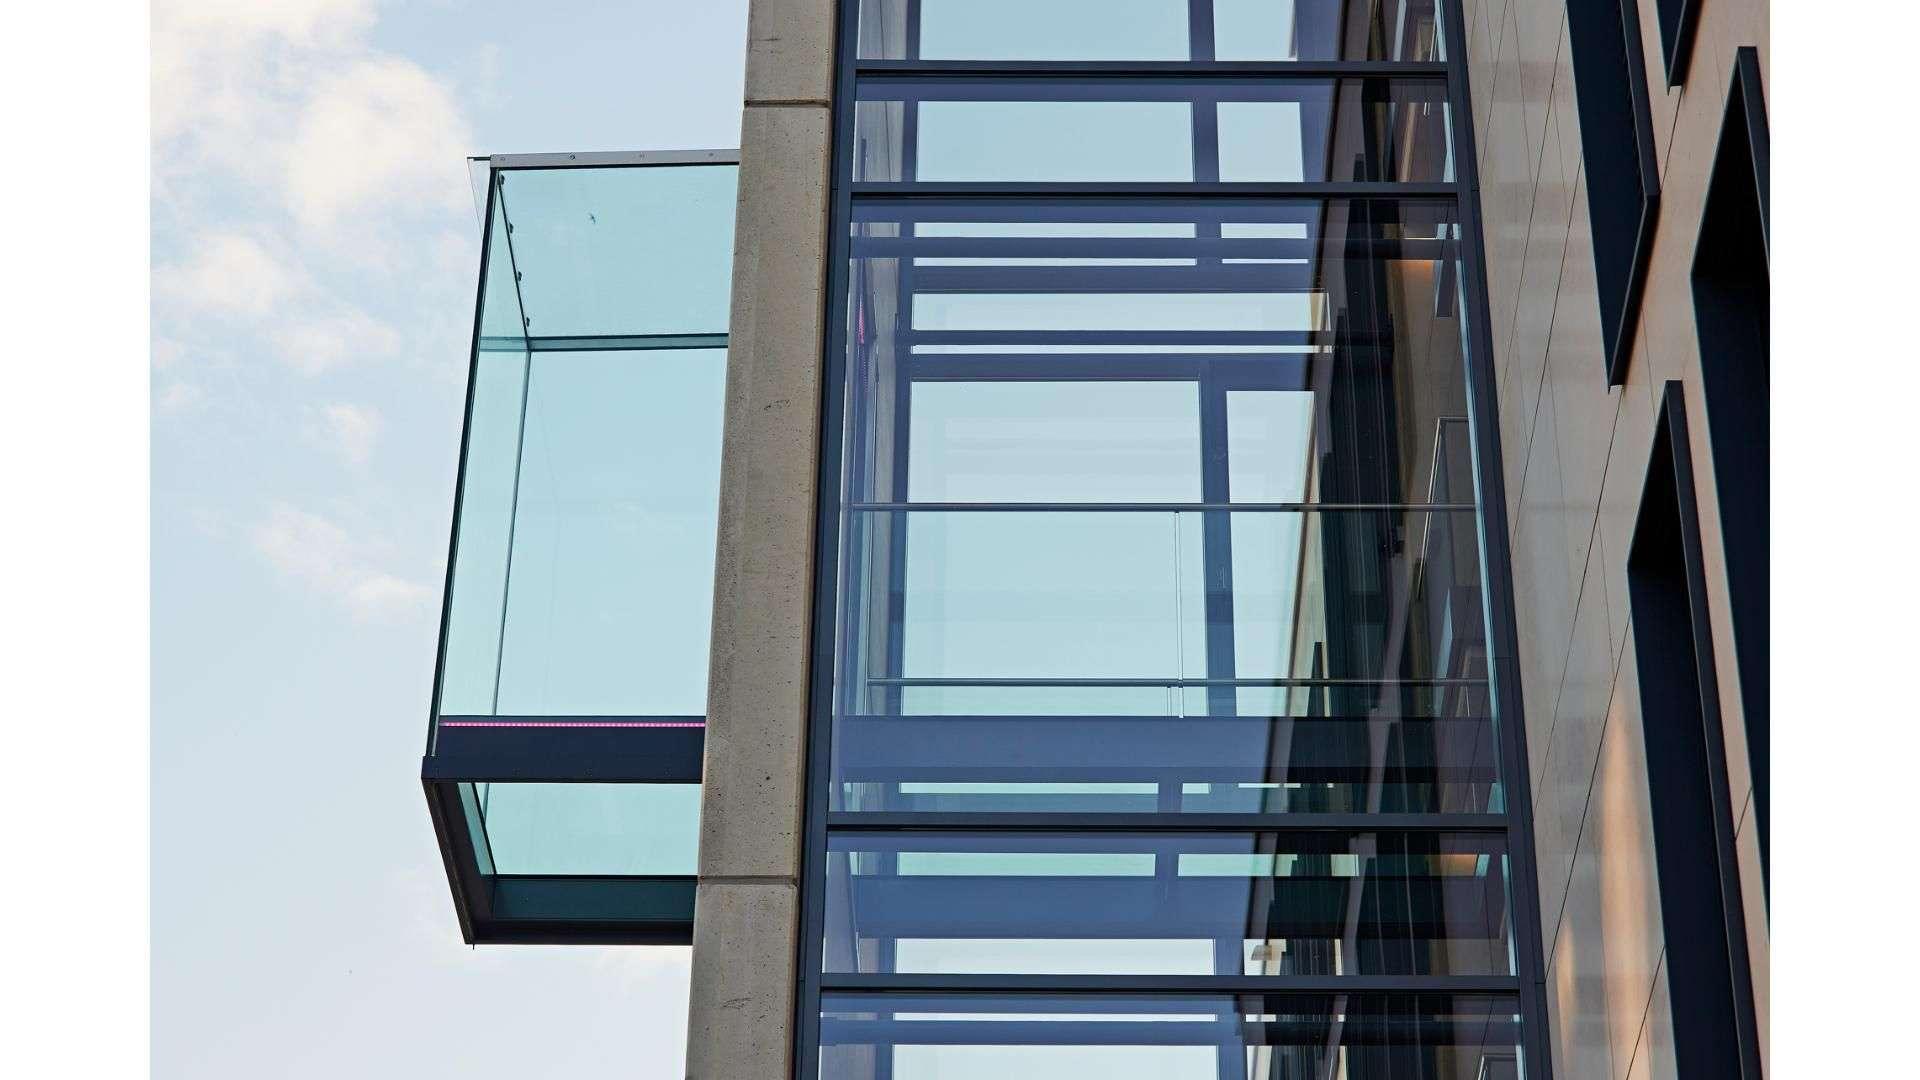 Fahrstuhl in einer Fassade aus Glas